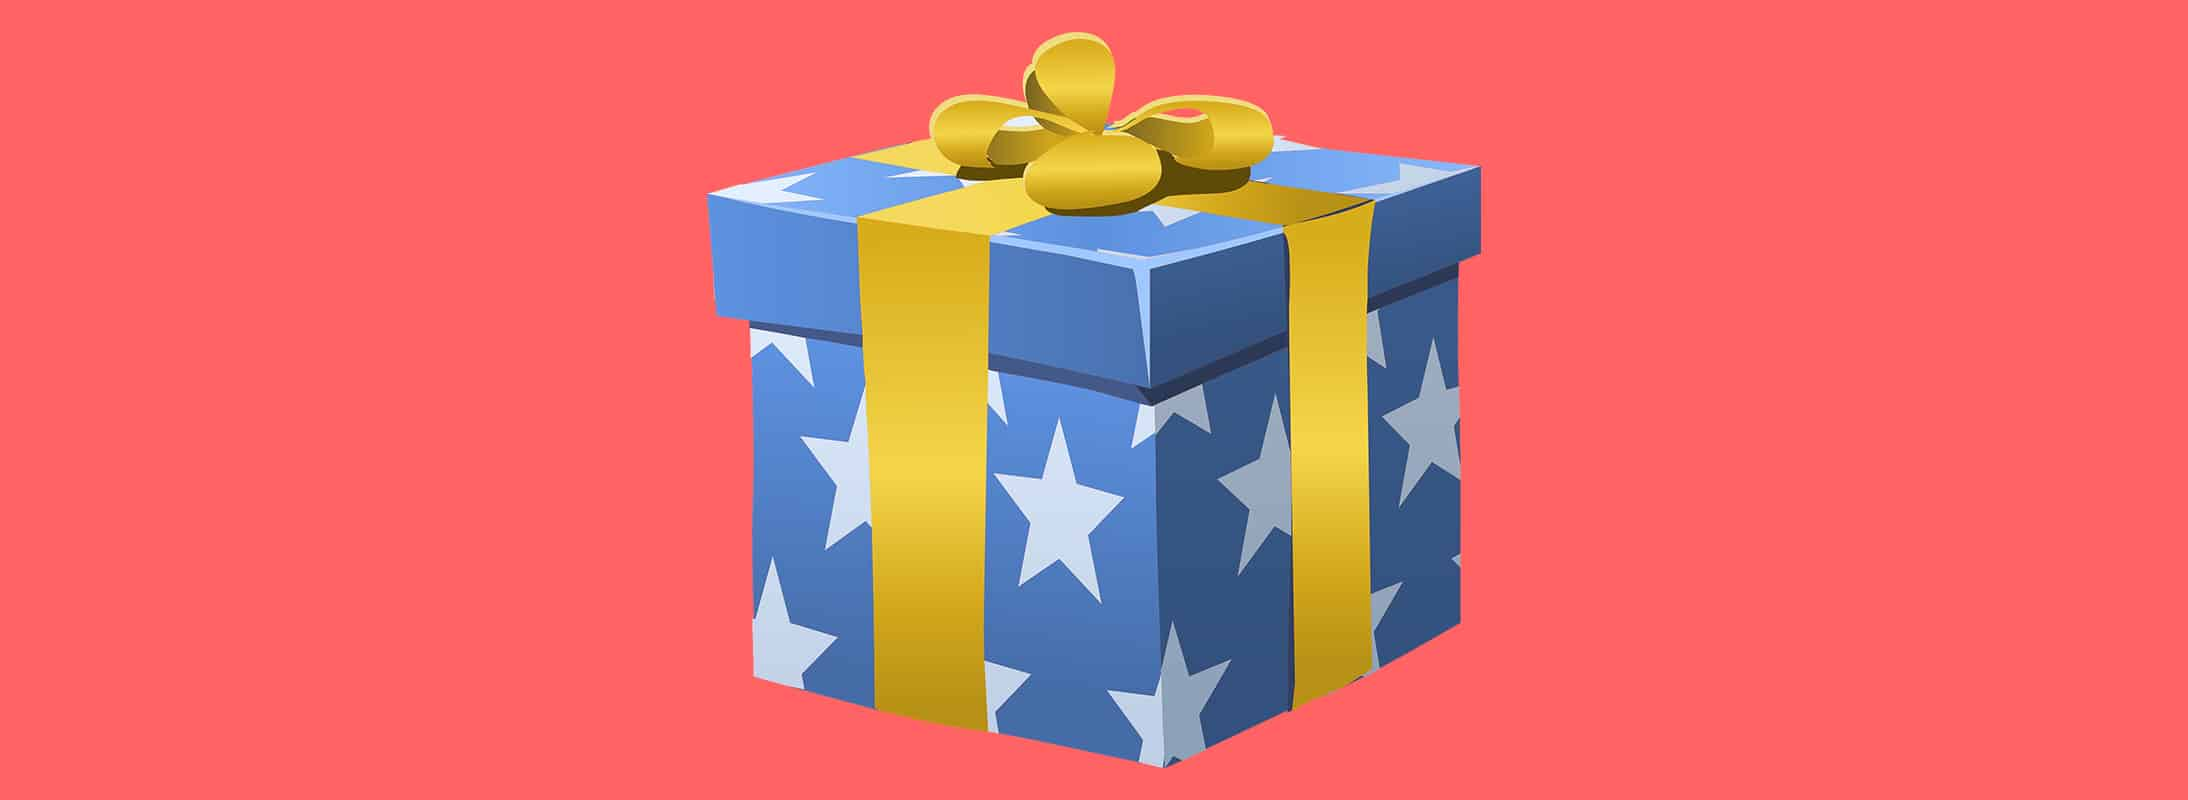 Bonusbedingungen im Online Casino erklärt element01 - CasinoTop